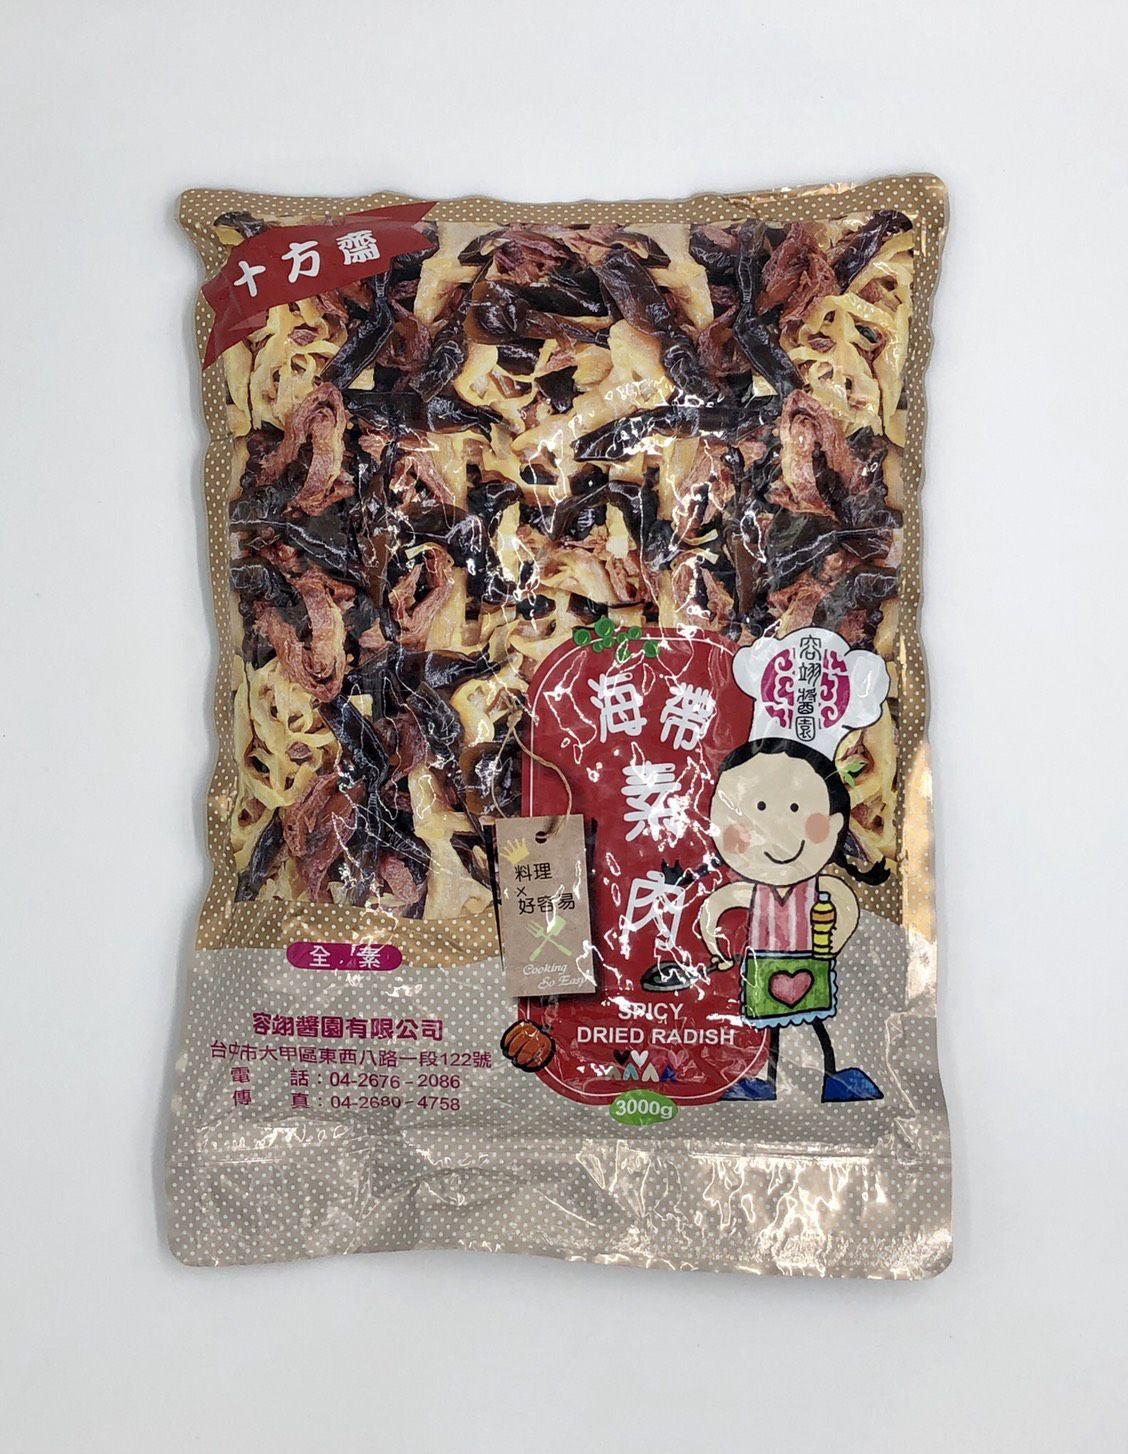 (容翊)十方齋海帶素肉5斤(全素)